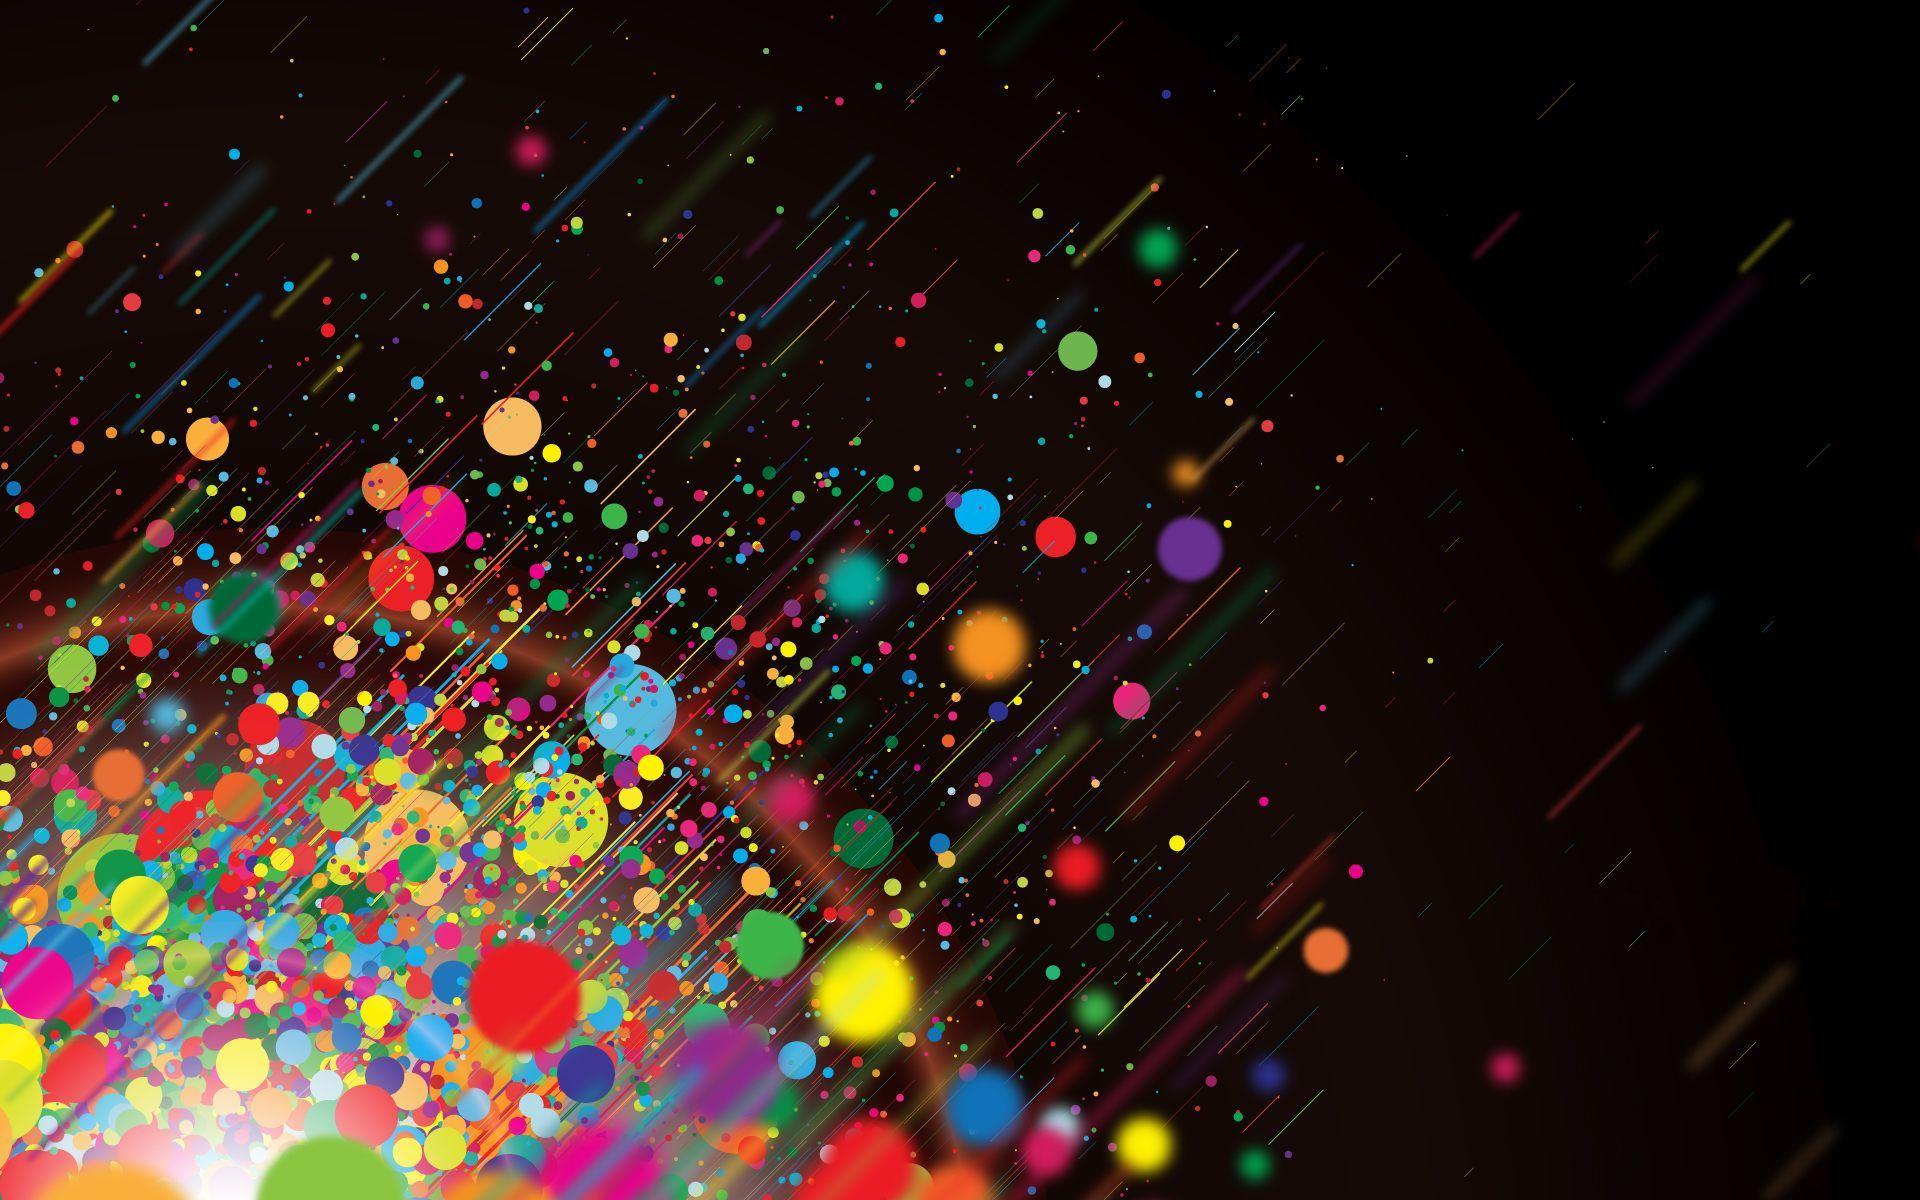 Color Splash Wallpaper Hd Wallpapersafari Abstract Art Wallpaper Colorful Lion Art Art Wallpaper